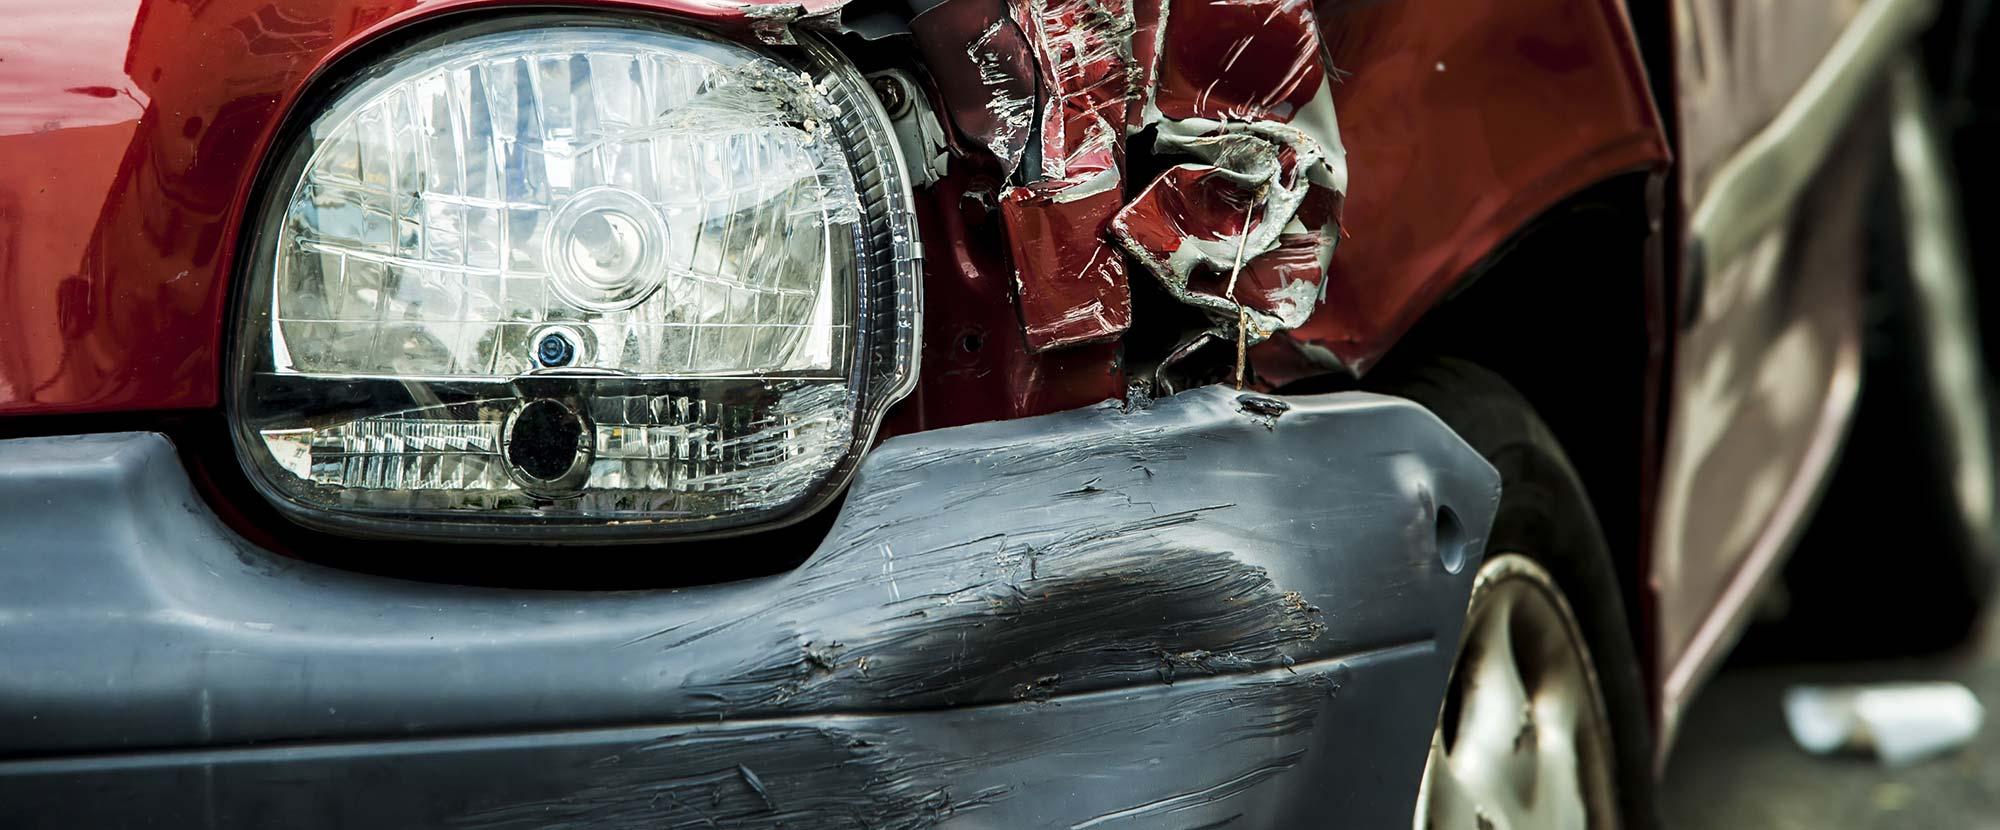 Auto Accident Attorney Myrtle Beach Sc